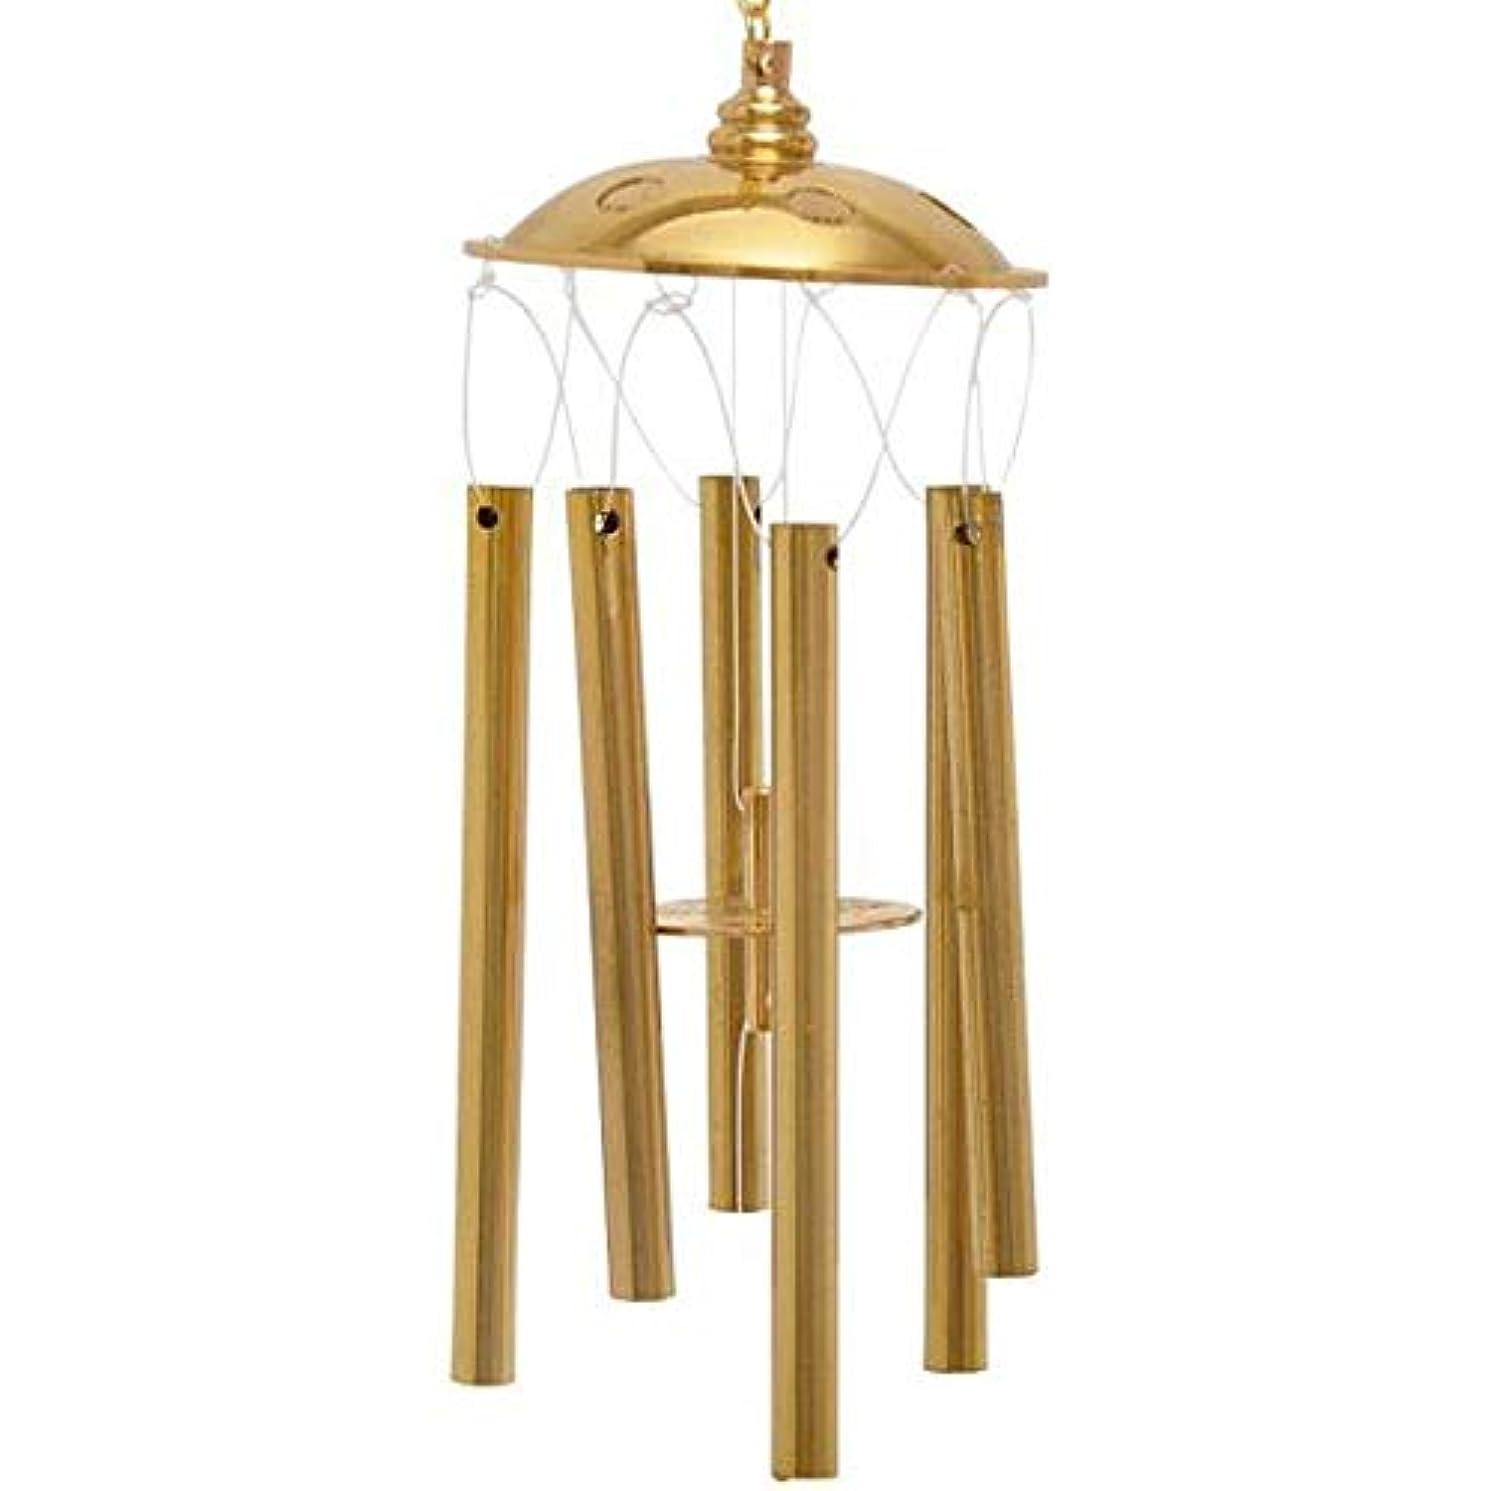 いらいらさせる落胆したショップHongyushanghang 風チャイム、真鍮ホームデコレーション6チューブ風の鐘、ゴールド、全長約22CM,、ジュエリークリエイティブホリデーギフトを掛ける (Size : 27cm)